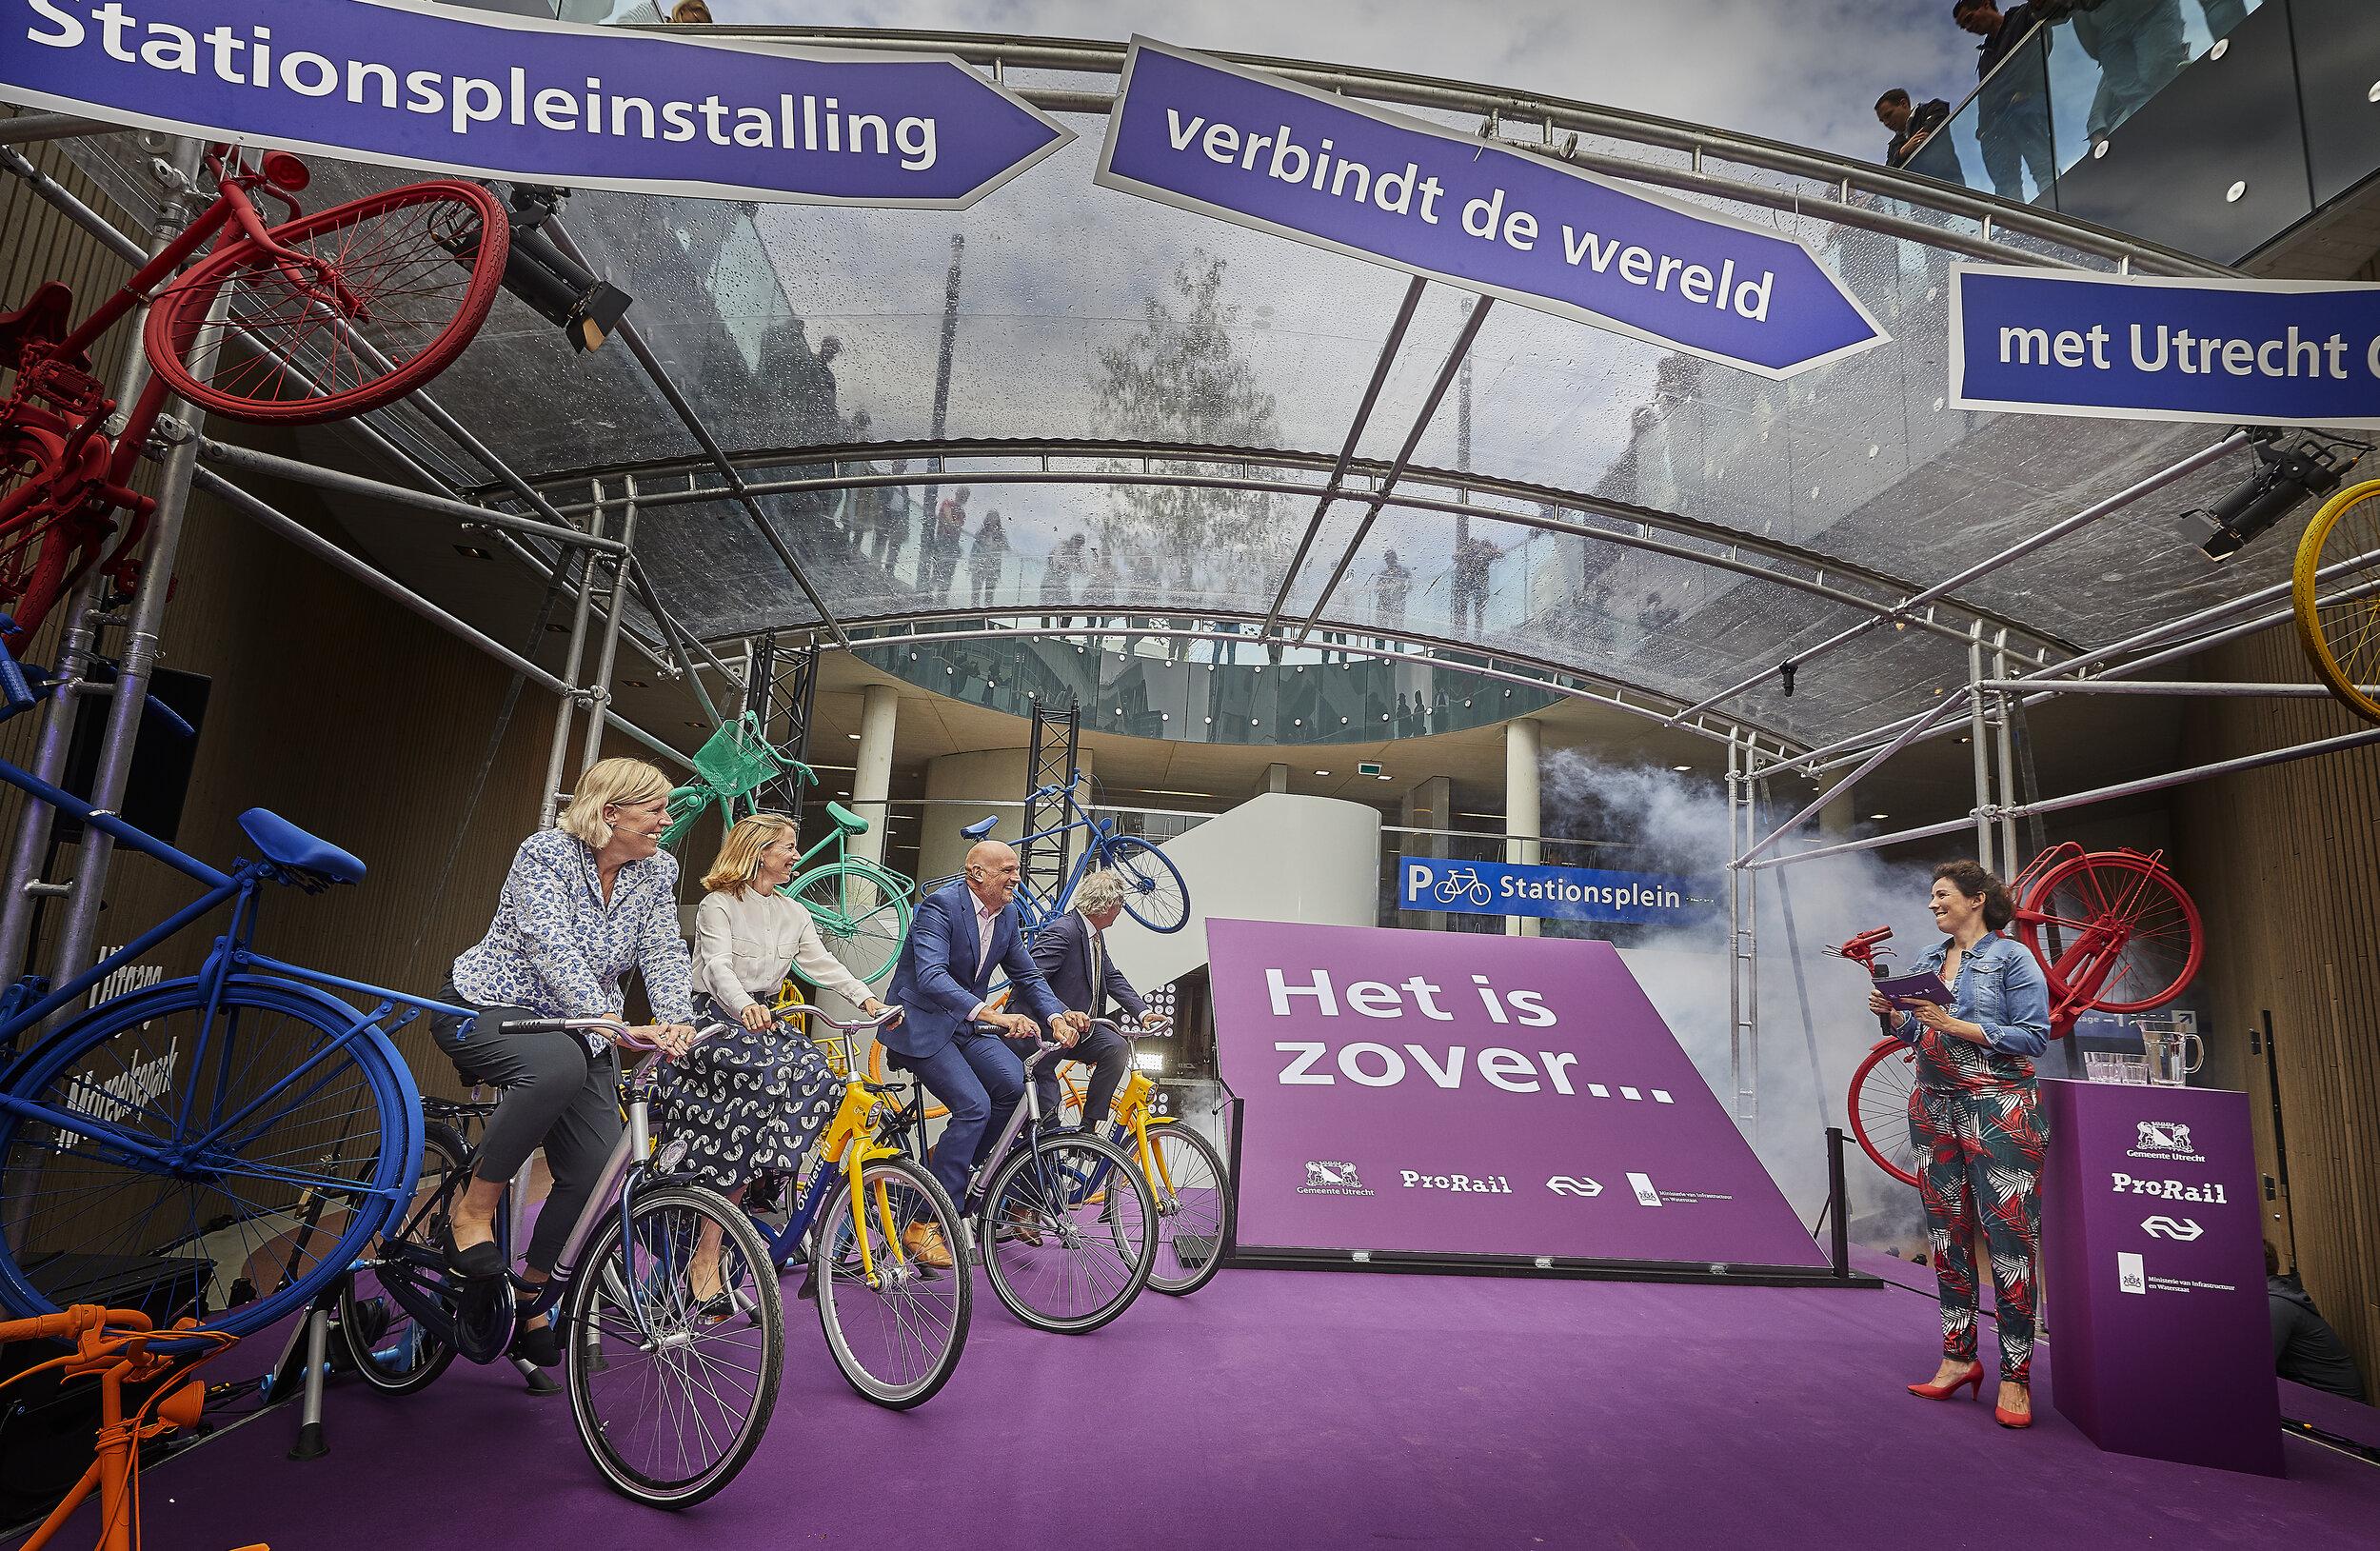 Ex-prof wielrenster en host Marijn de Vries laat het fietsen een keer over aan anderen: Ans Rietstra (ProRail), Stientje van Veldhoven (Min I&W), Victor Everhardt (Utrecht), Roger van Boxtel (NS).